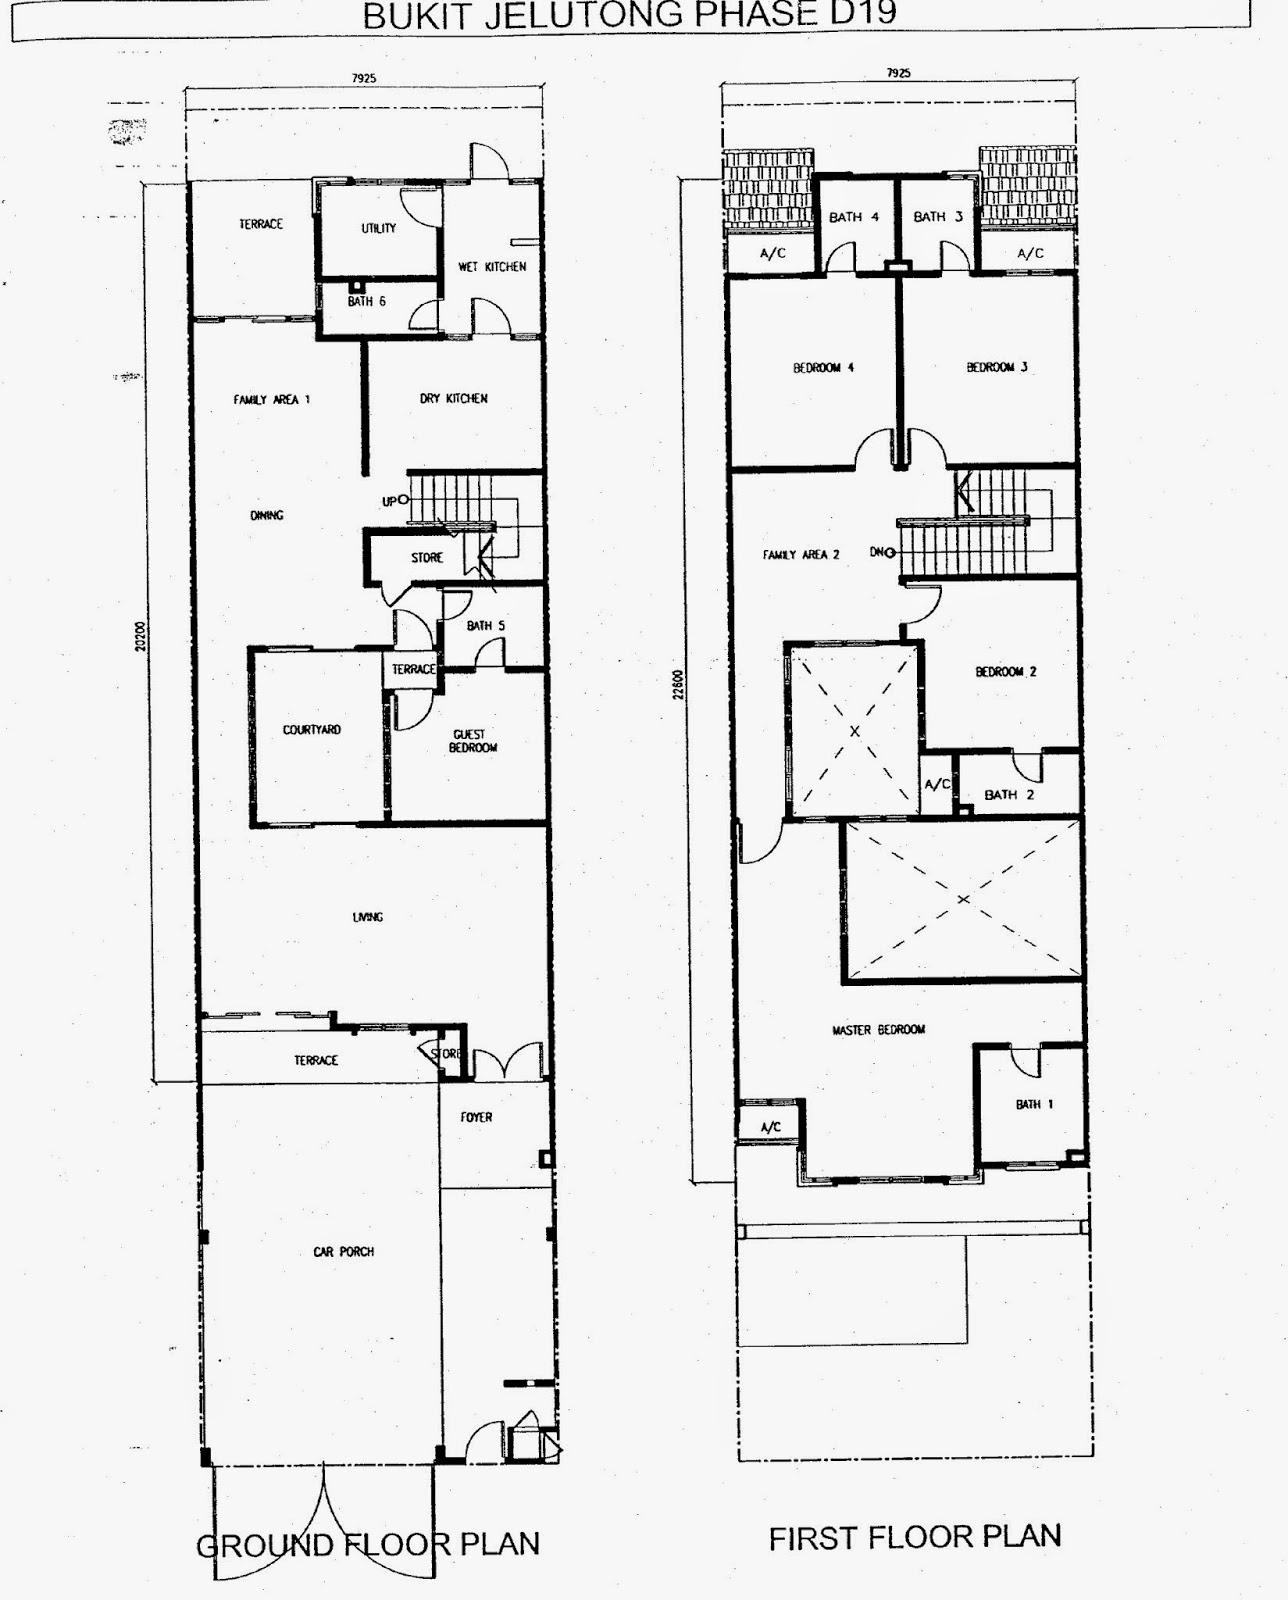 lagenda 2 superlink house  24x100 feet urgent sale